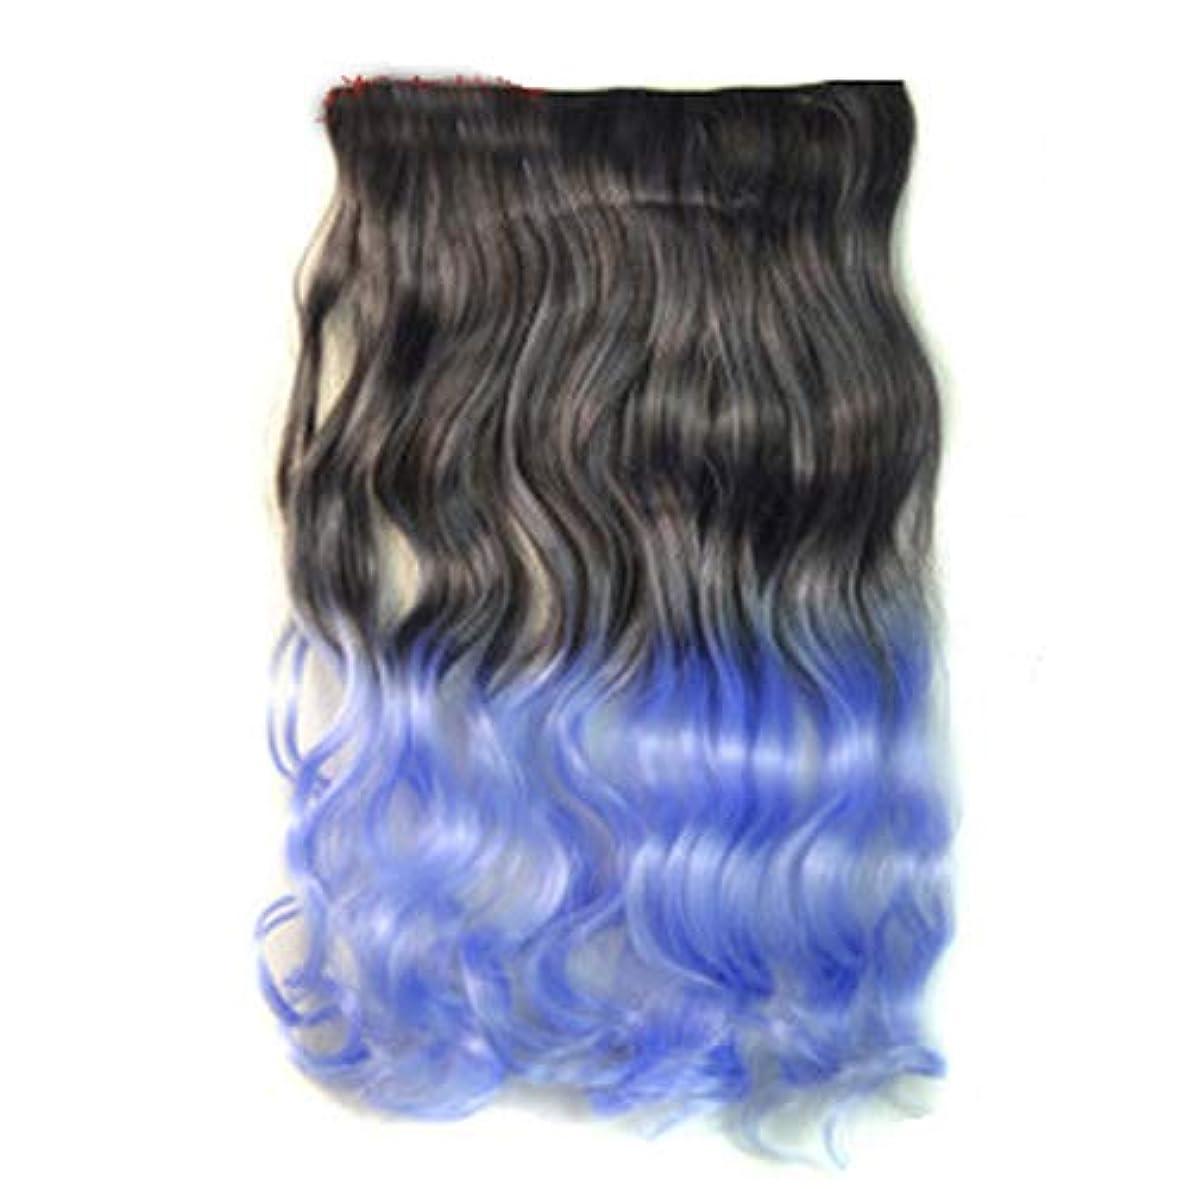 保守的デコレーションたるみWTYD 美容ヘアツール ワンピースシームレスヘアエクステンションピースカラーグラデーション大波ロングカーリングクリップタイプヘアピース